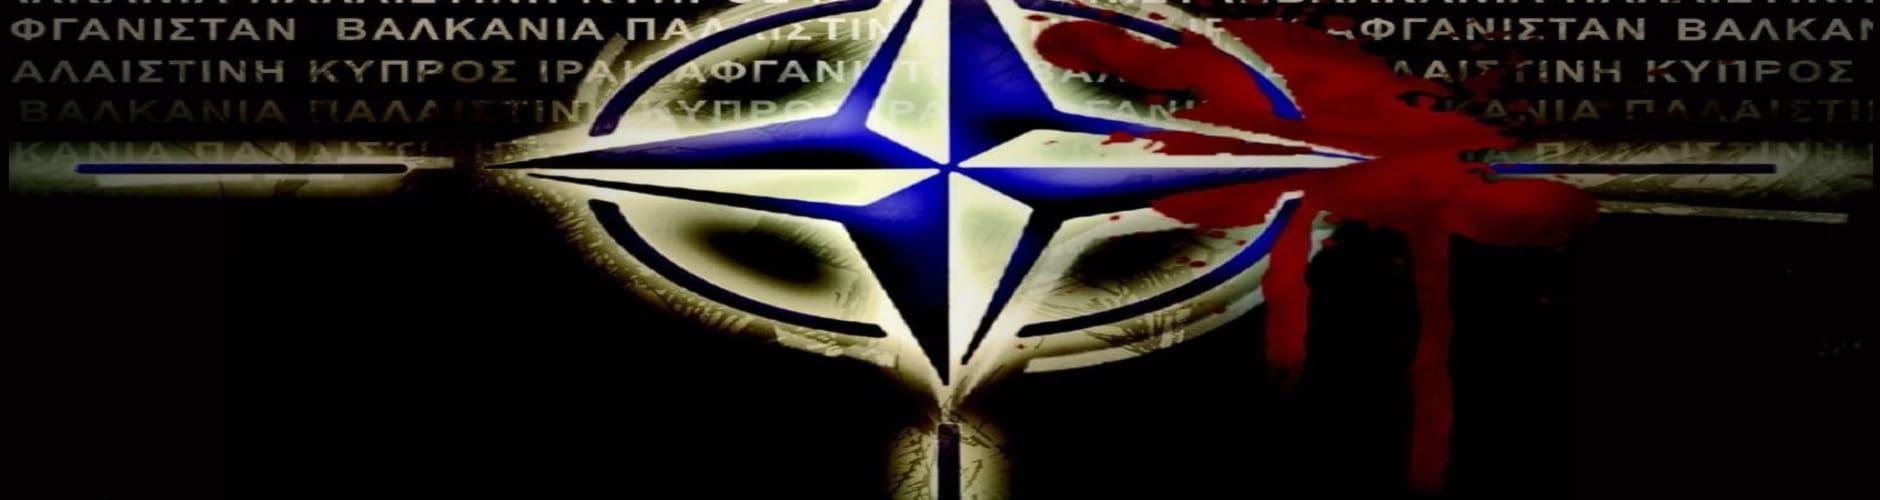 Το ΚΚΕ για την ΠΓΔΜ και το δηλητήριο του εθνικισμού